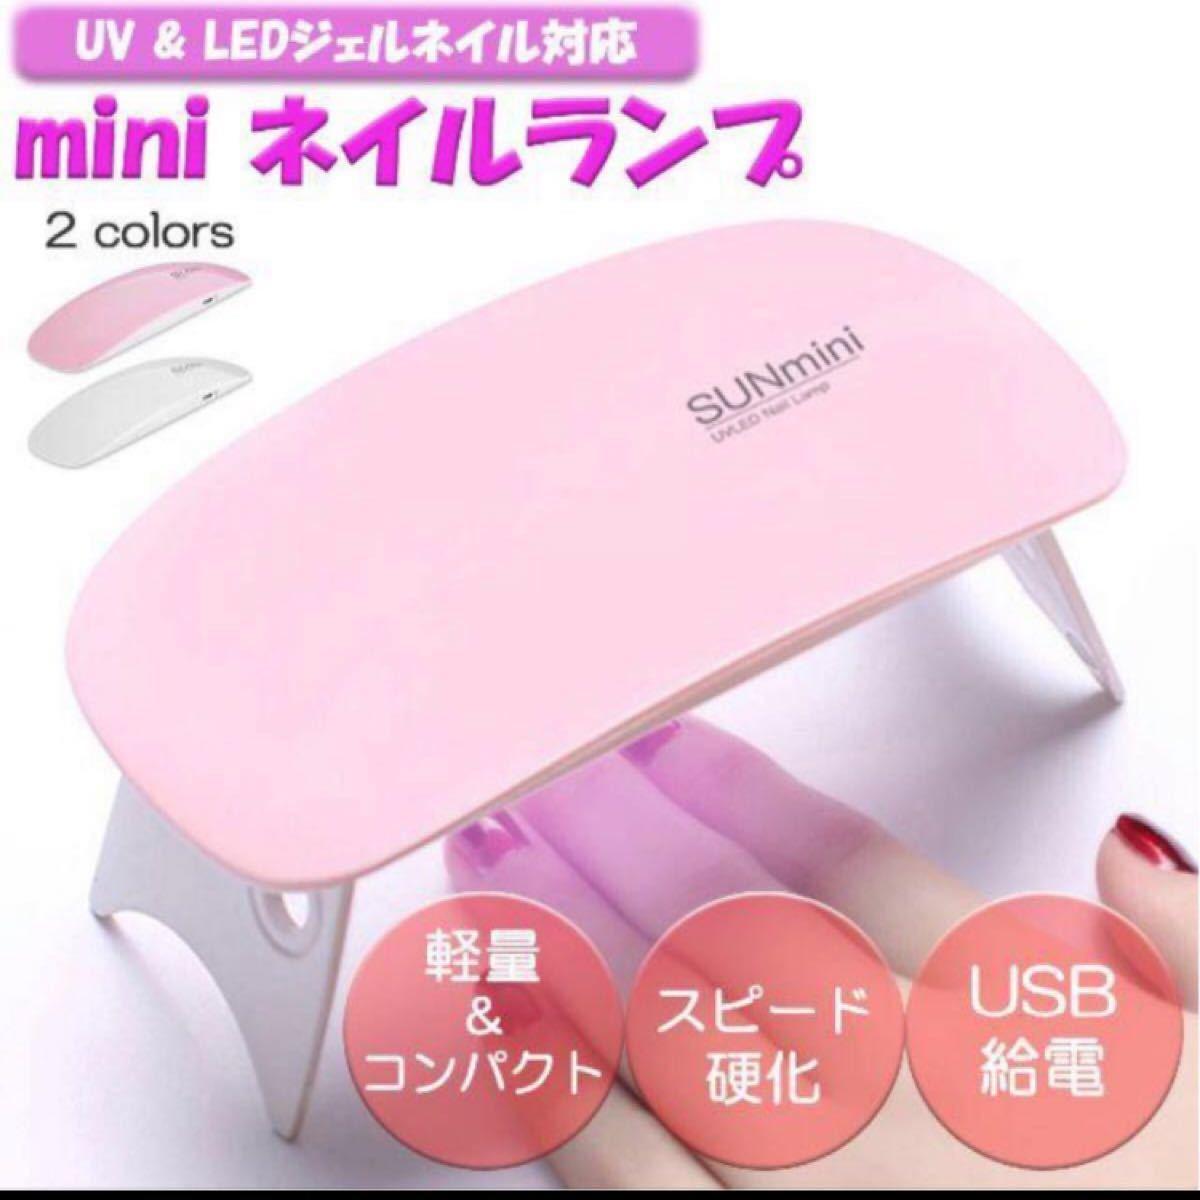 ジェルネイル UVライト LED ジェルネイル ミニ 折りたたみ 超軽量 薄型 携帯用